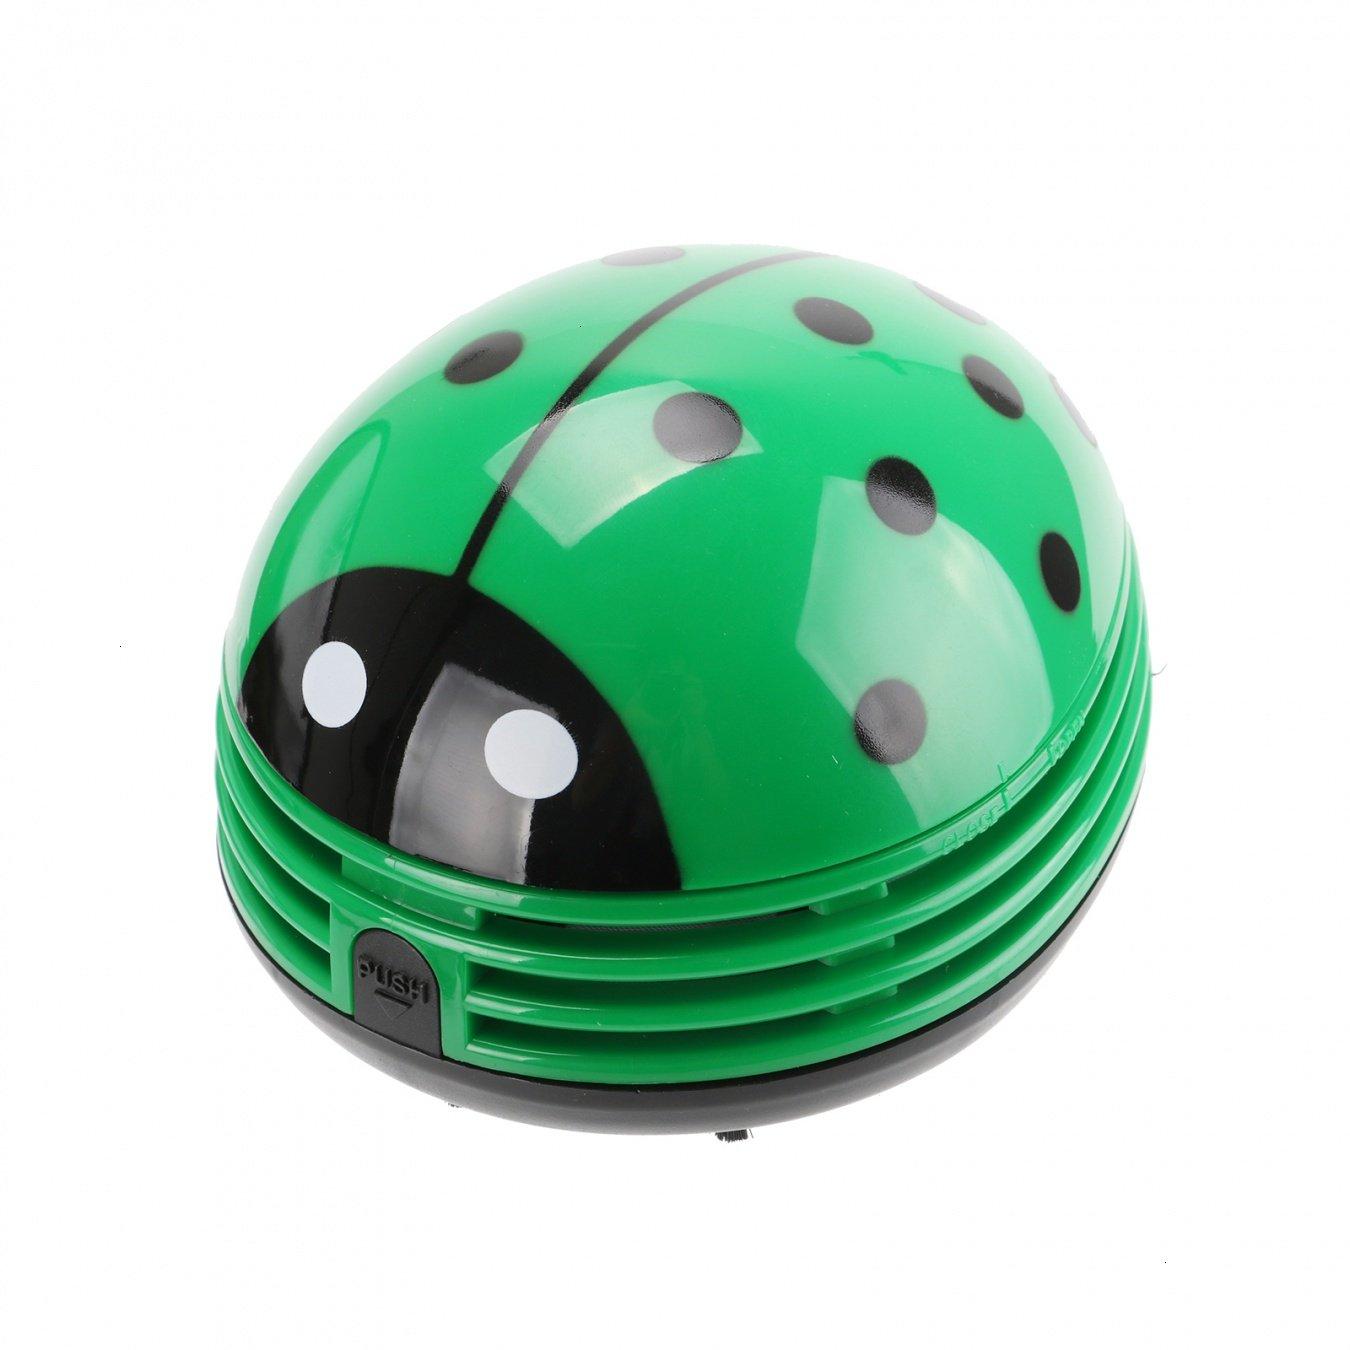 VOYEE Cute Portable Beetle Ladybug Cartoon Mini Desktop Vacuum Desk Dust Cleaner Green